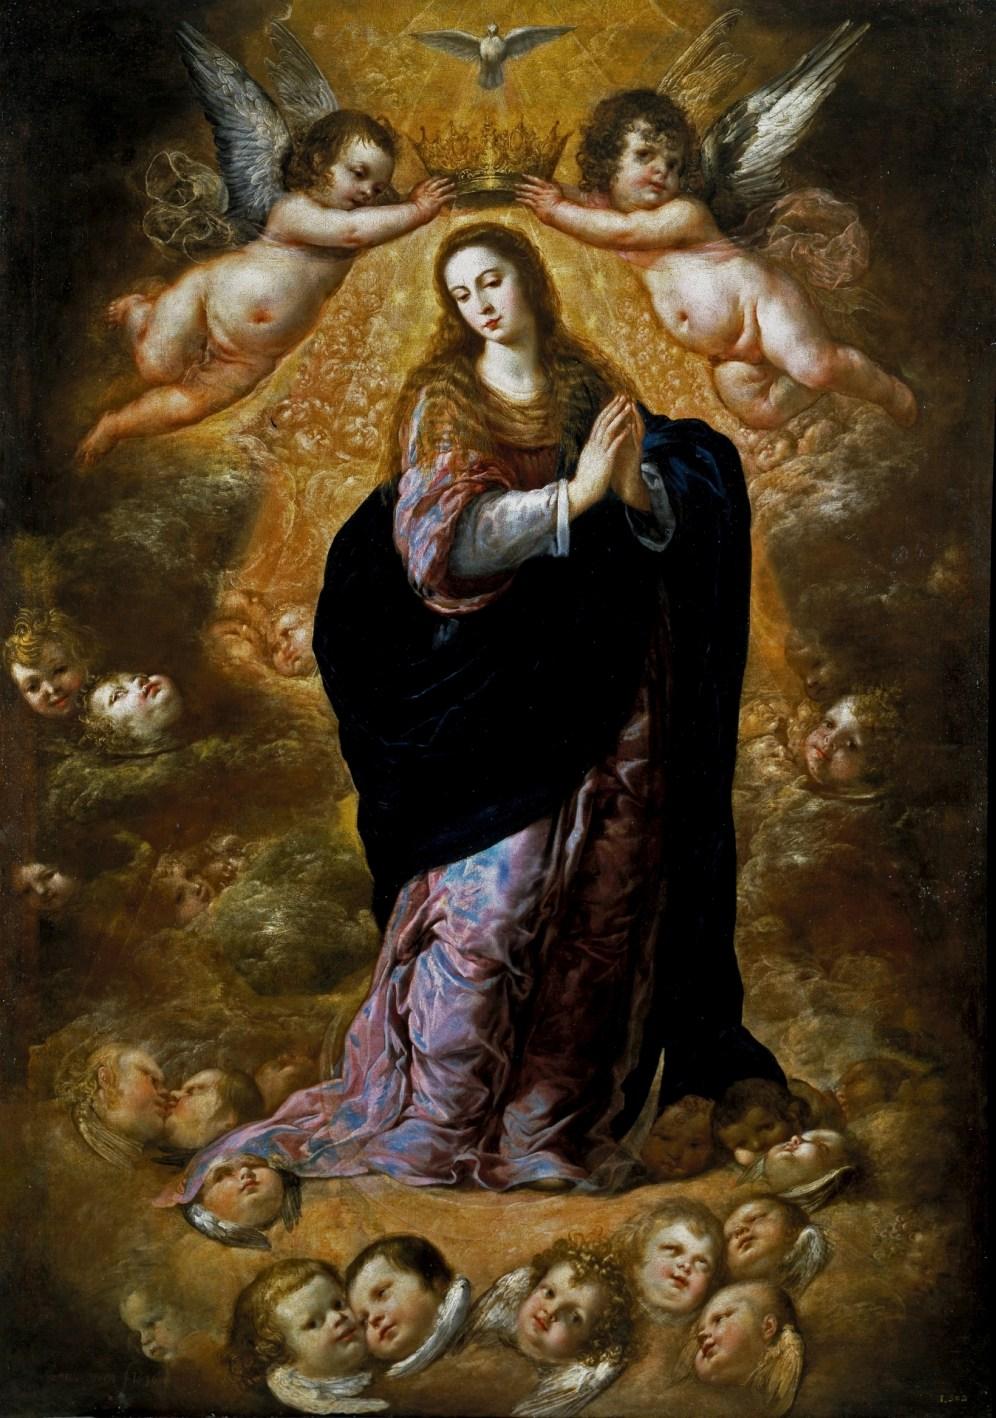 Antonio de Pereda. Inmaculada Concepción. Museo del Prado.